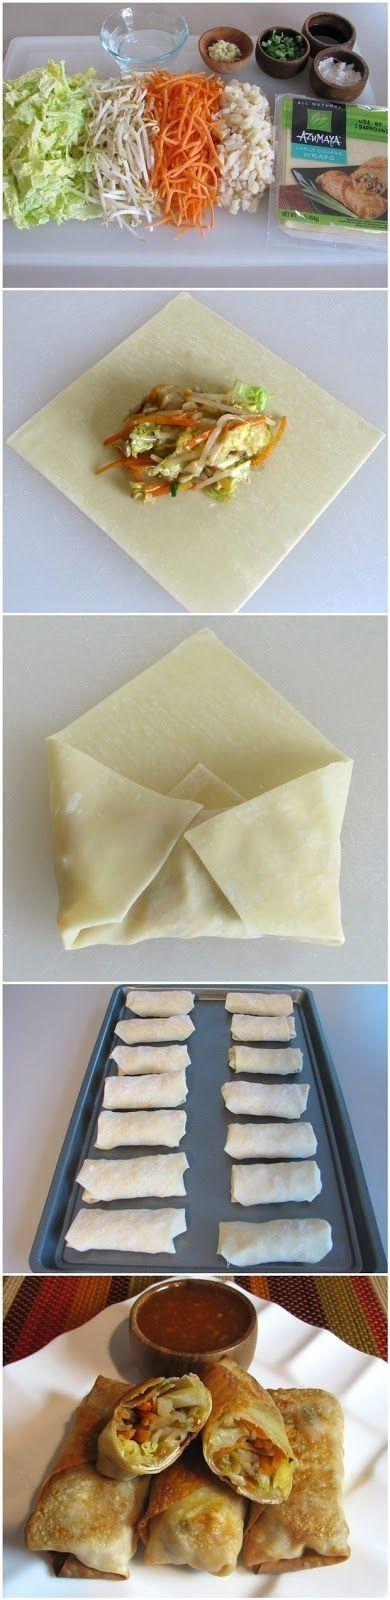 Baked rollitos de verduras